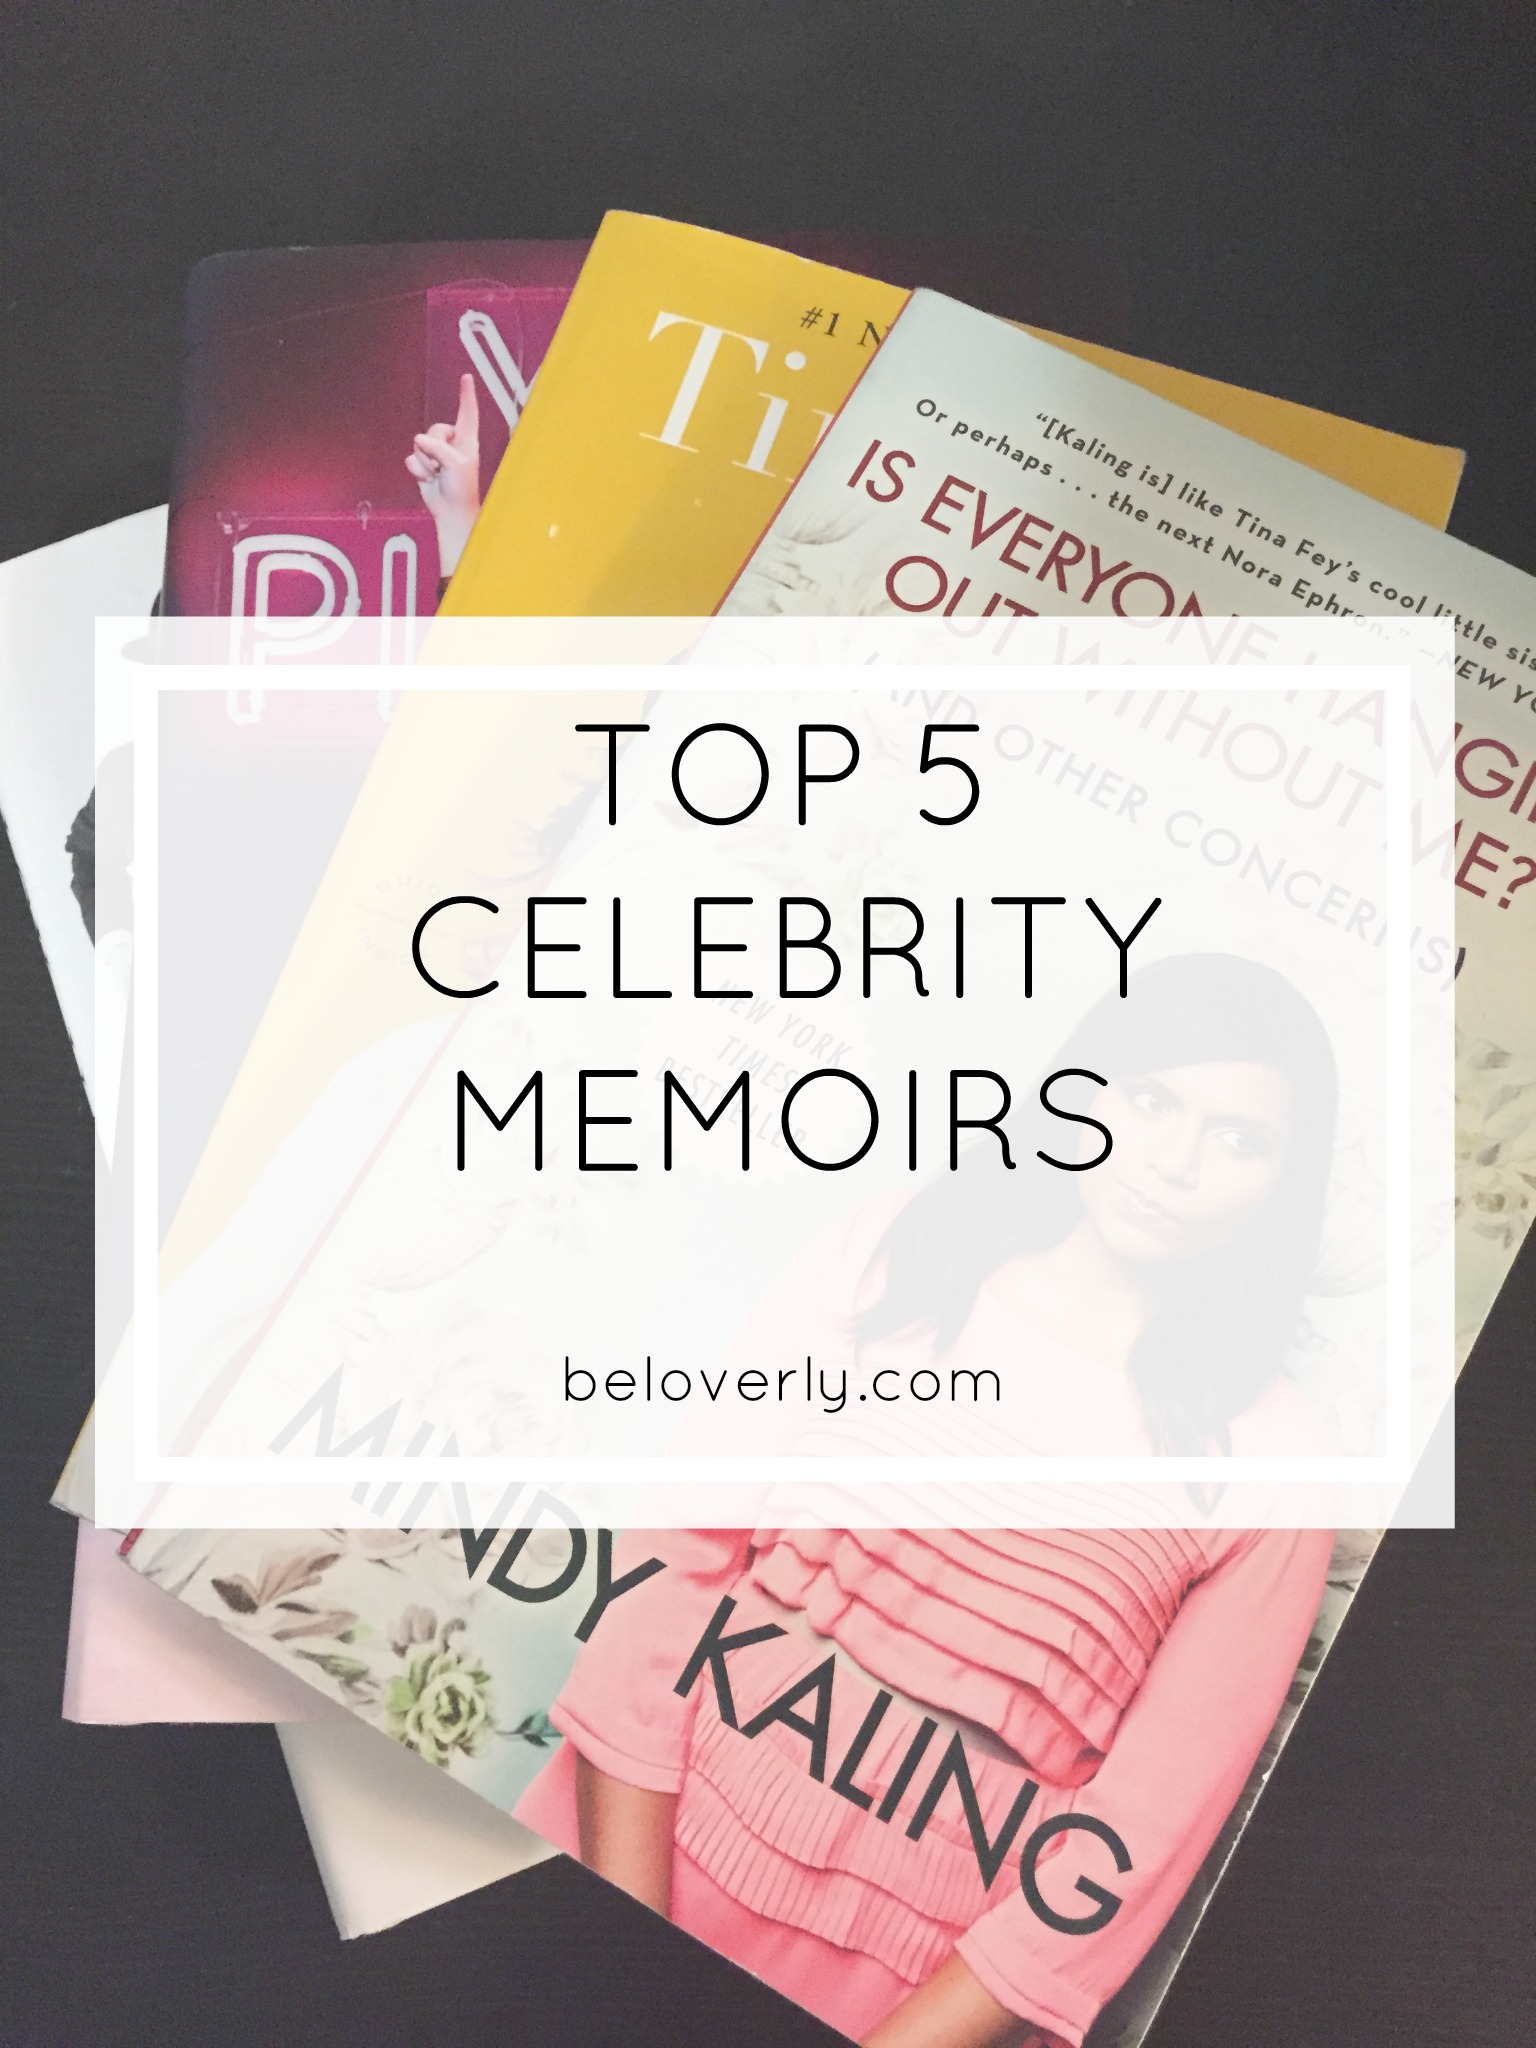 beloverlyreads_top5celebritymemoirs2